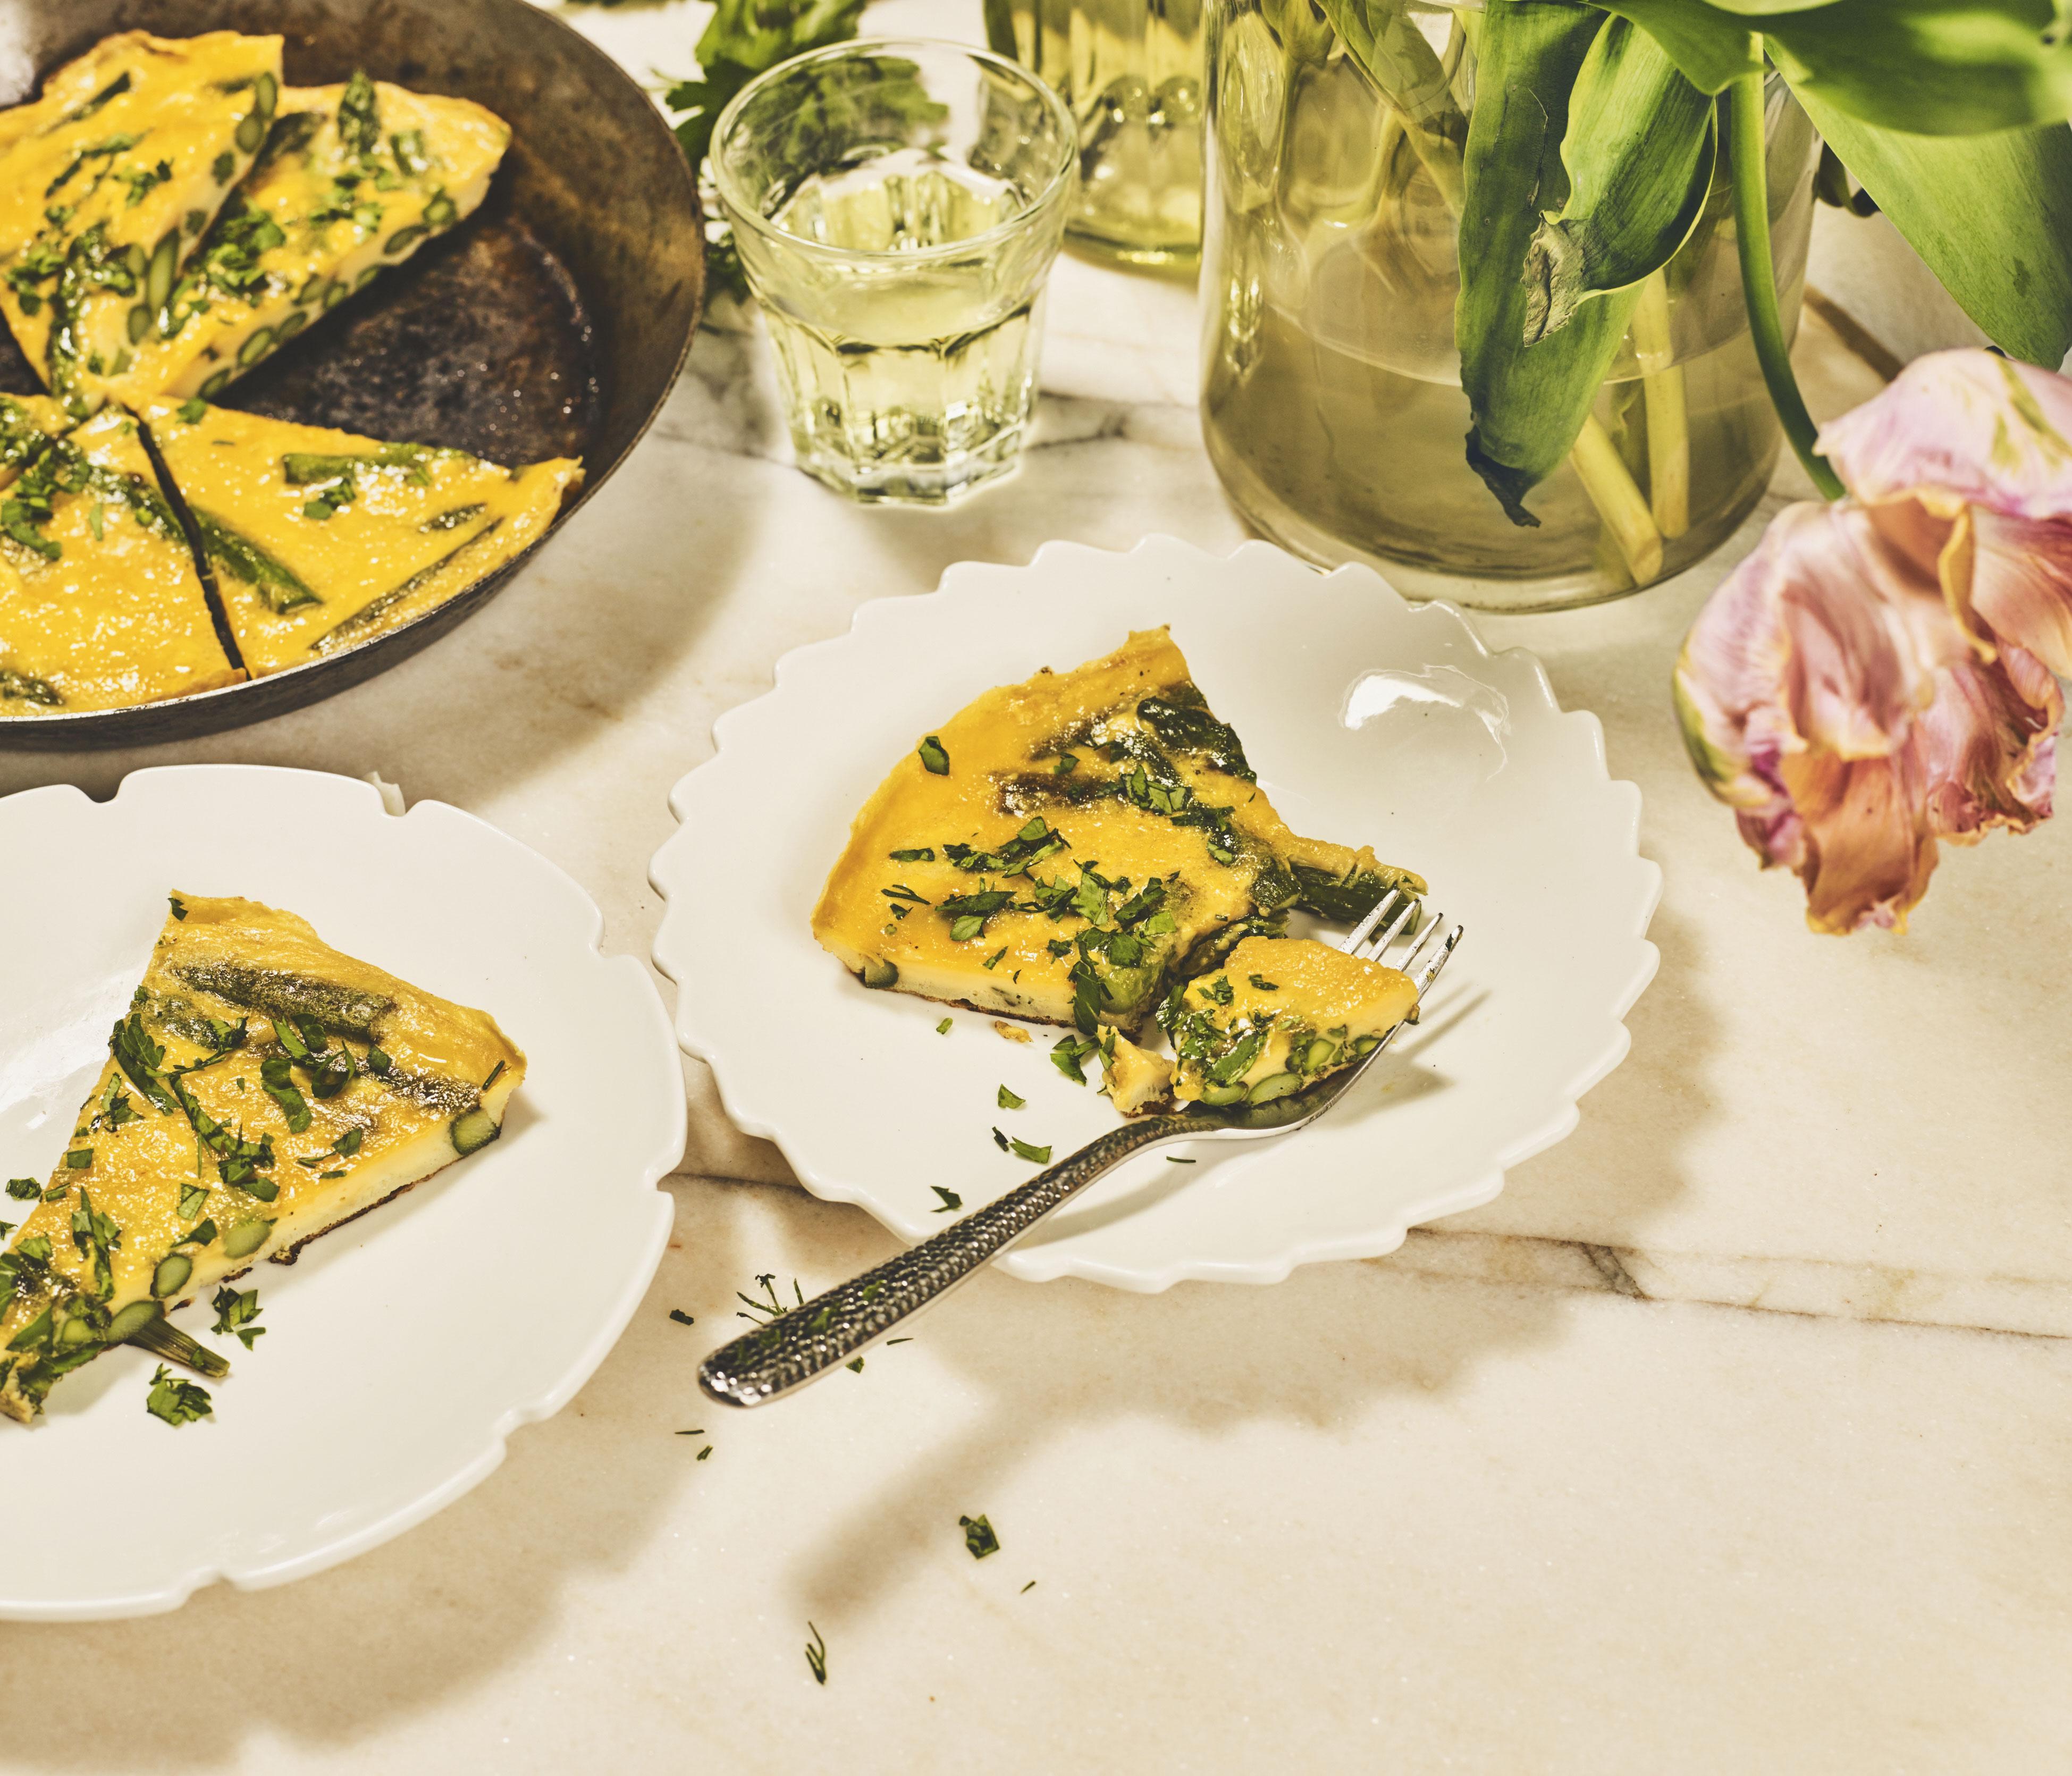 Wochenmarkt: Frittata mit Spargel